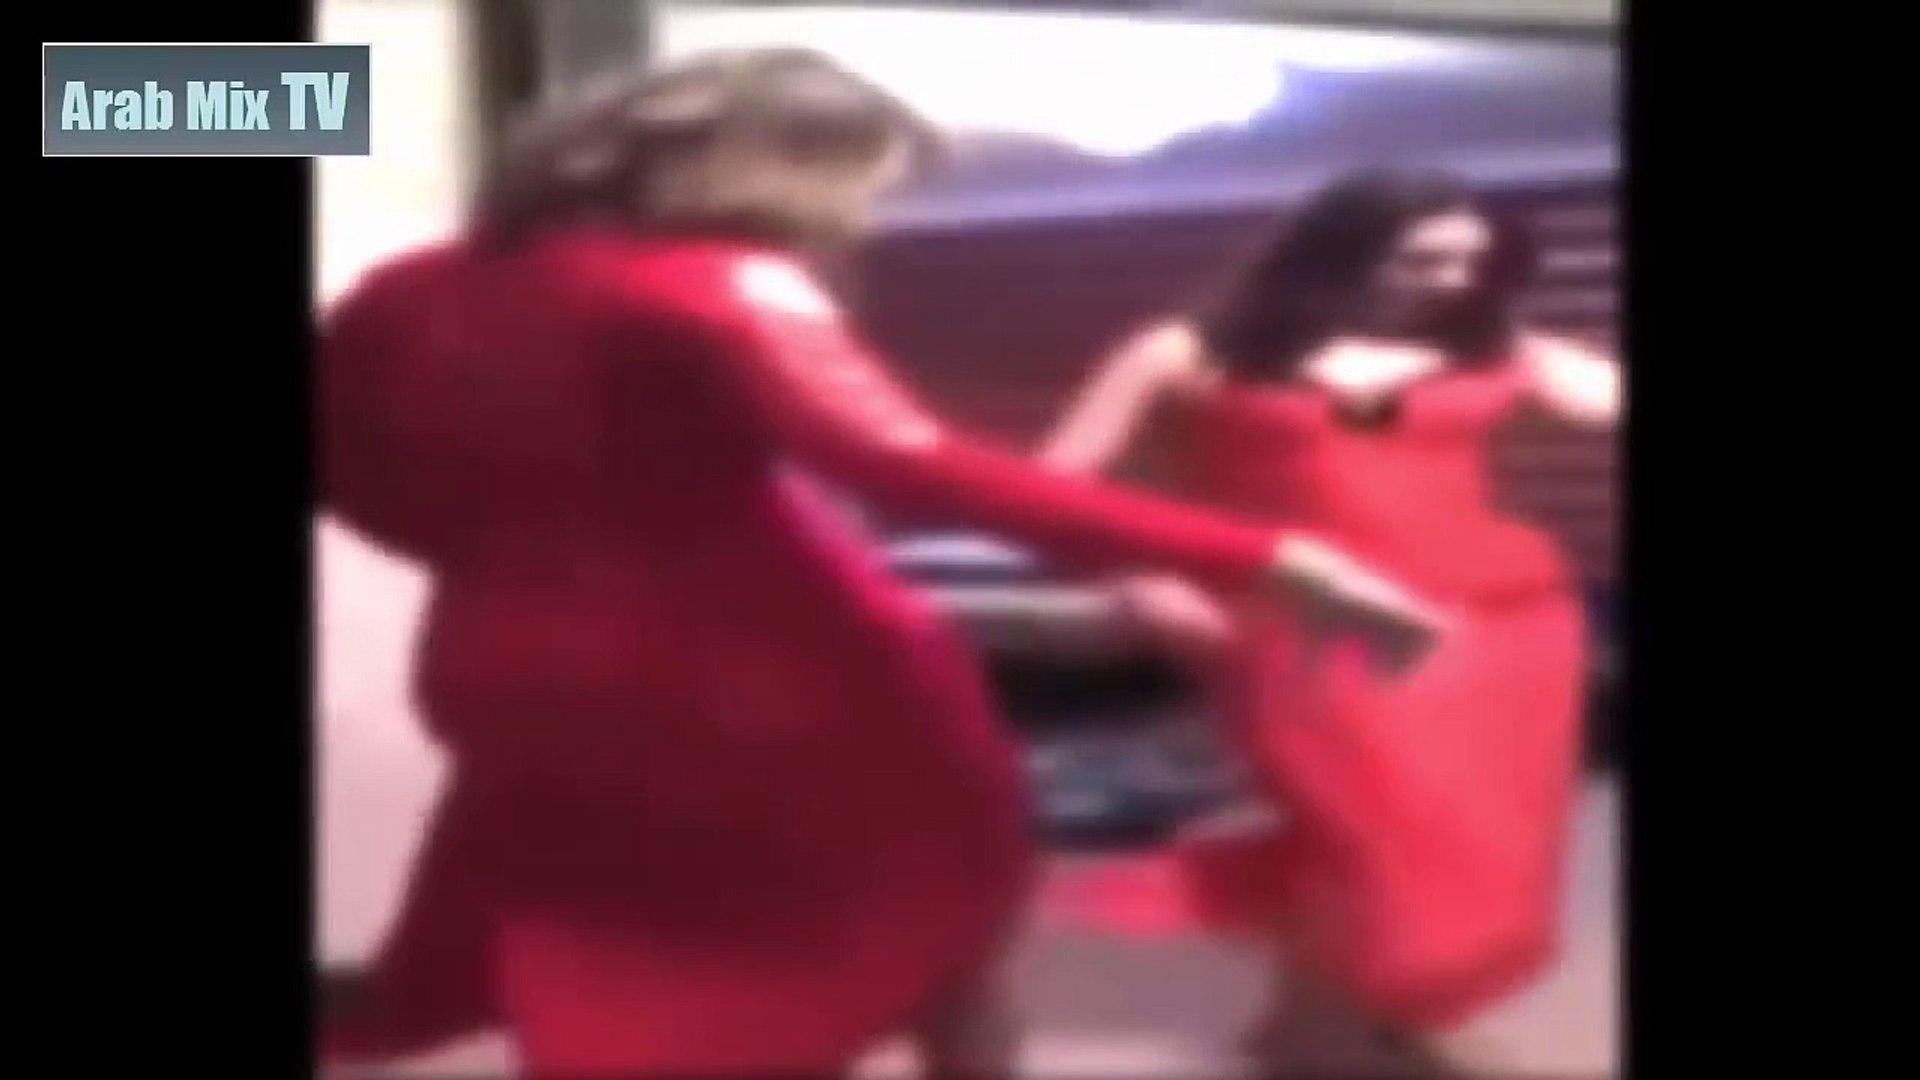 رقص منزلي معلاية بالفستان الأحمر الشفاف - رقص بنات منازل خليجي ساخن - رقص سعودية ملهاش حل